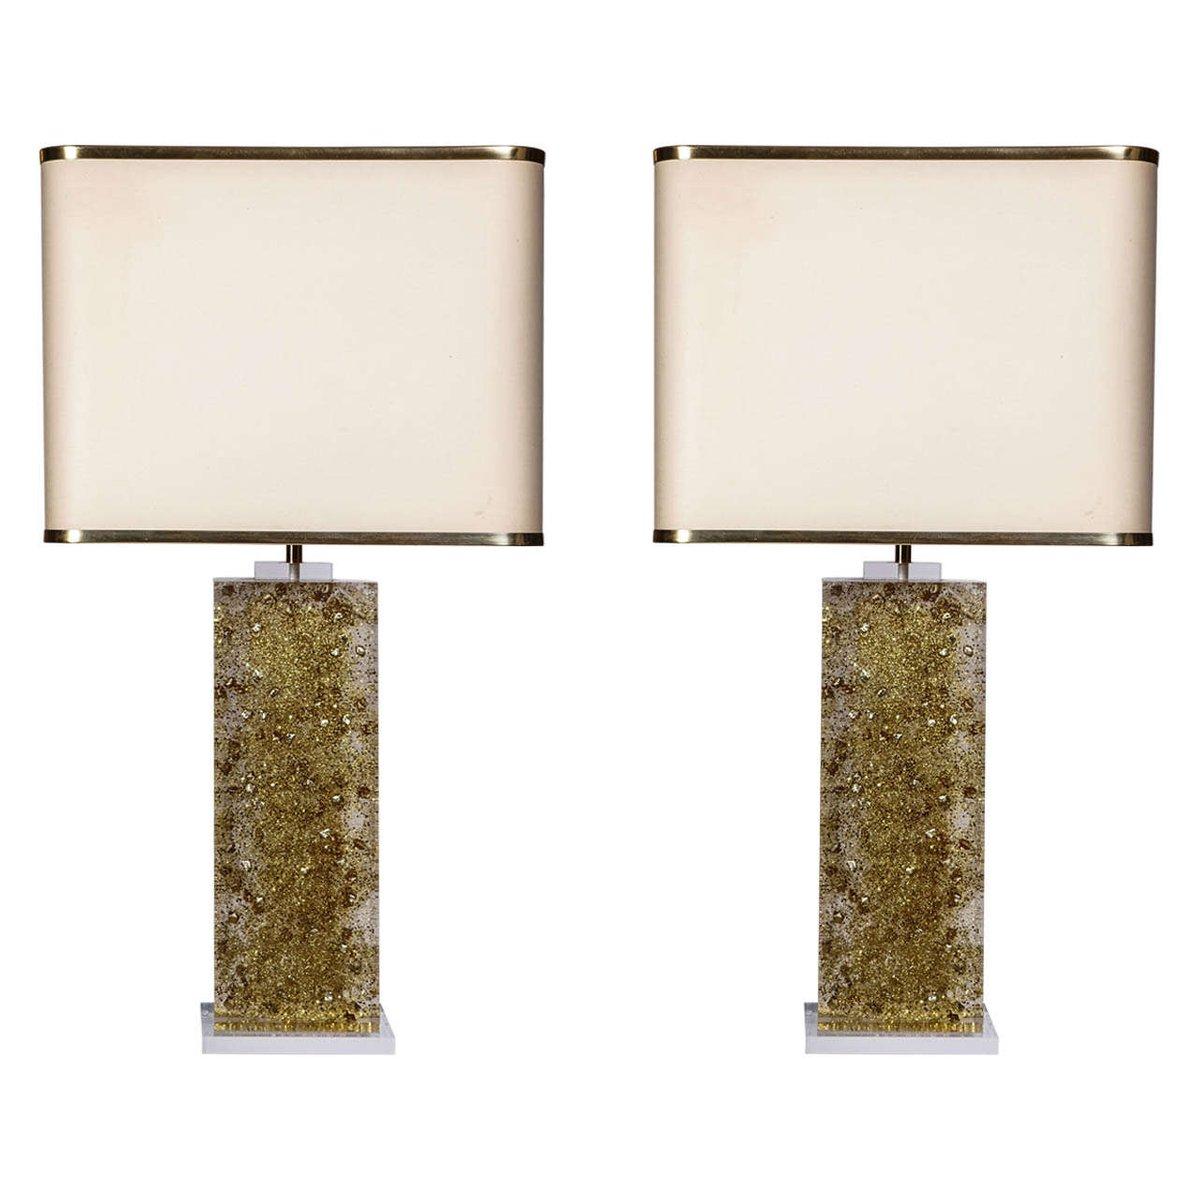 Vintage Tischlampen mit Plexiglasfuß von Maison Roméo, 2er Set